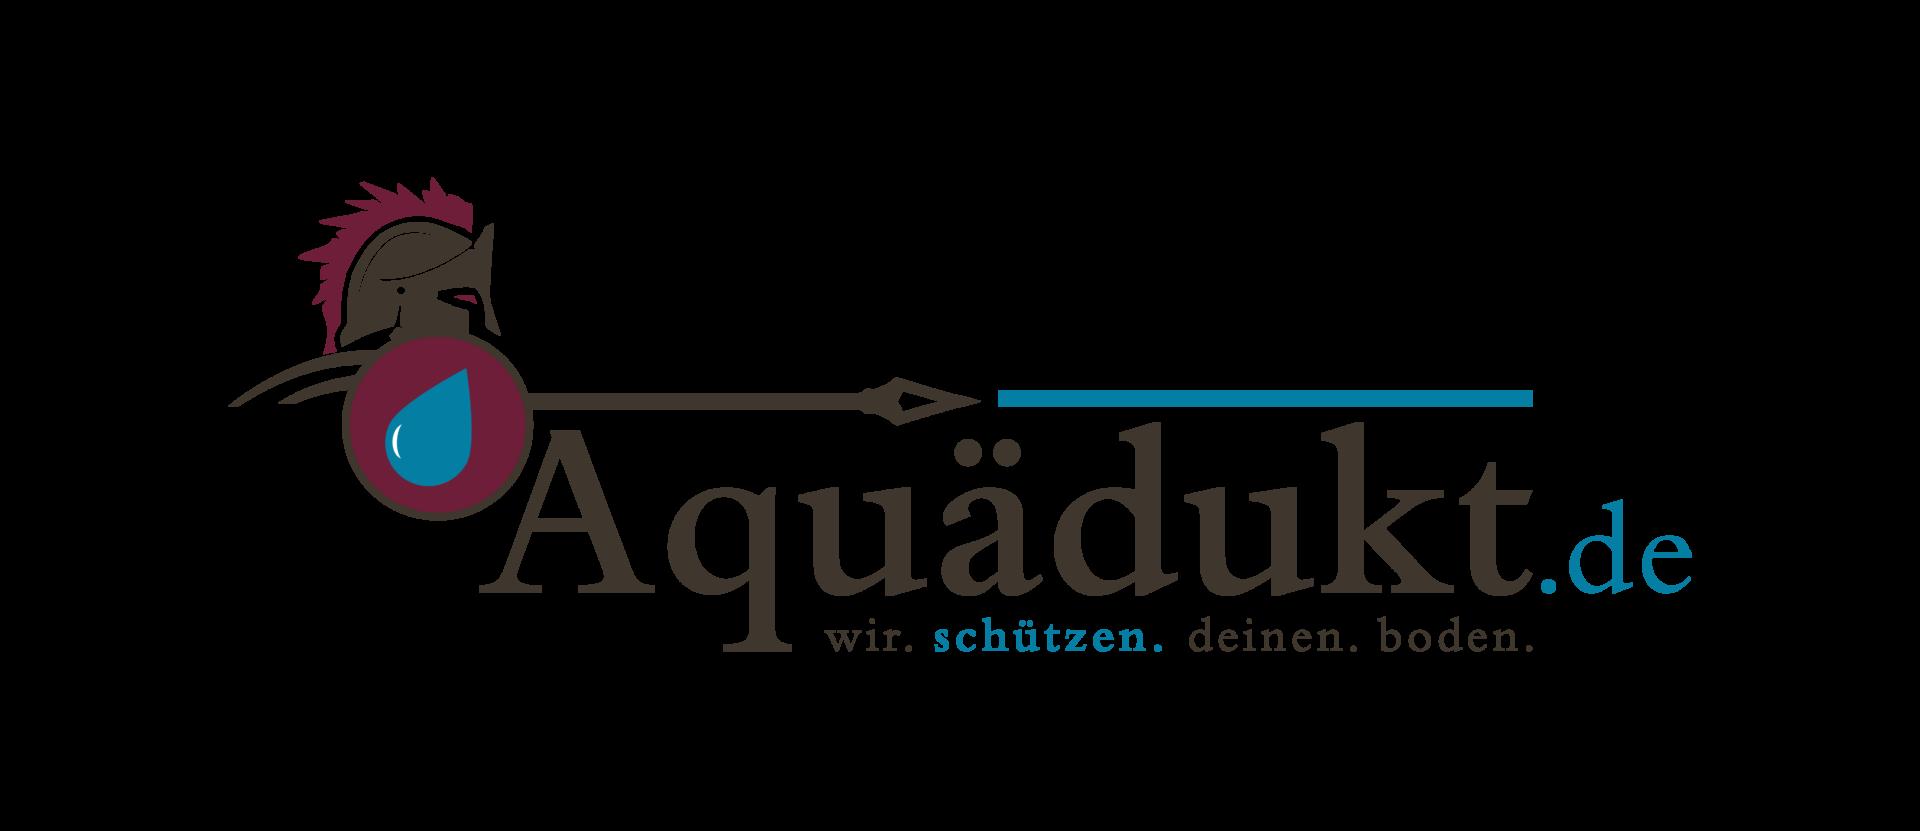 Aquädukt.de